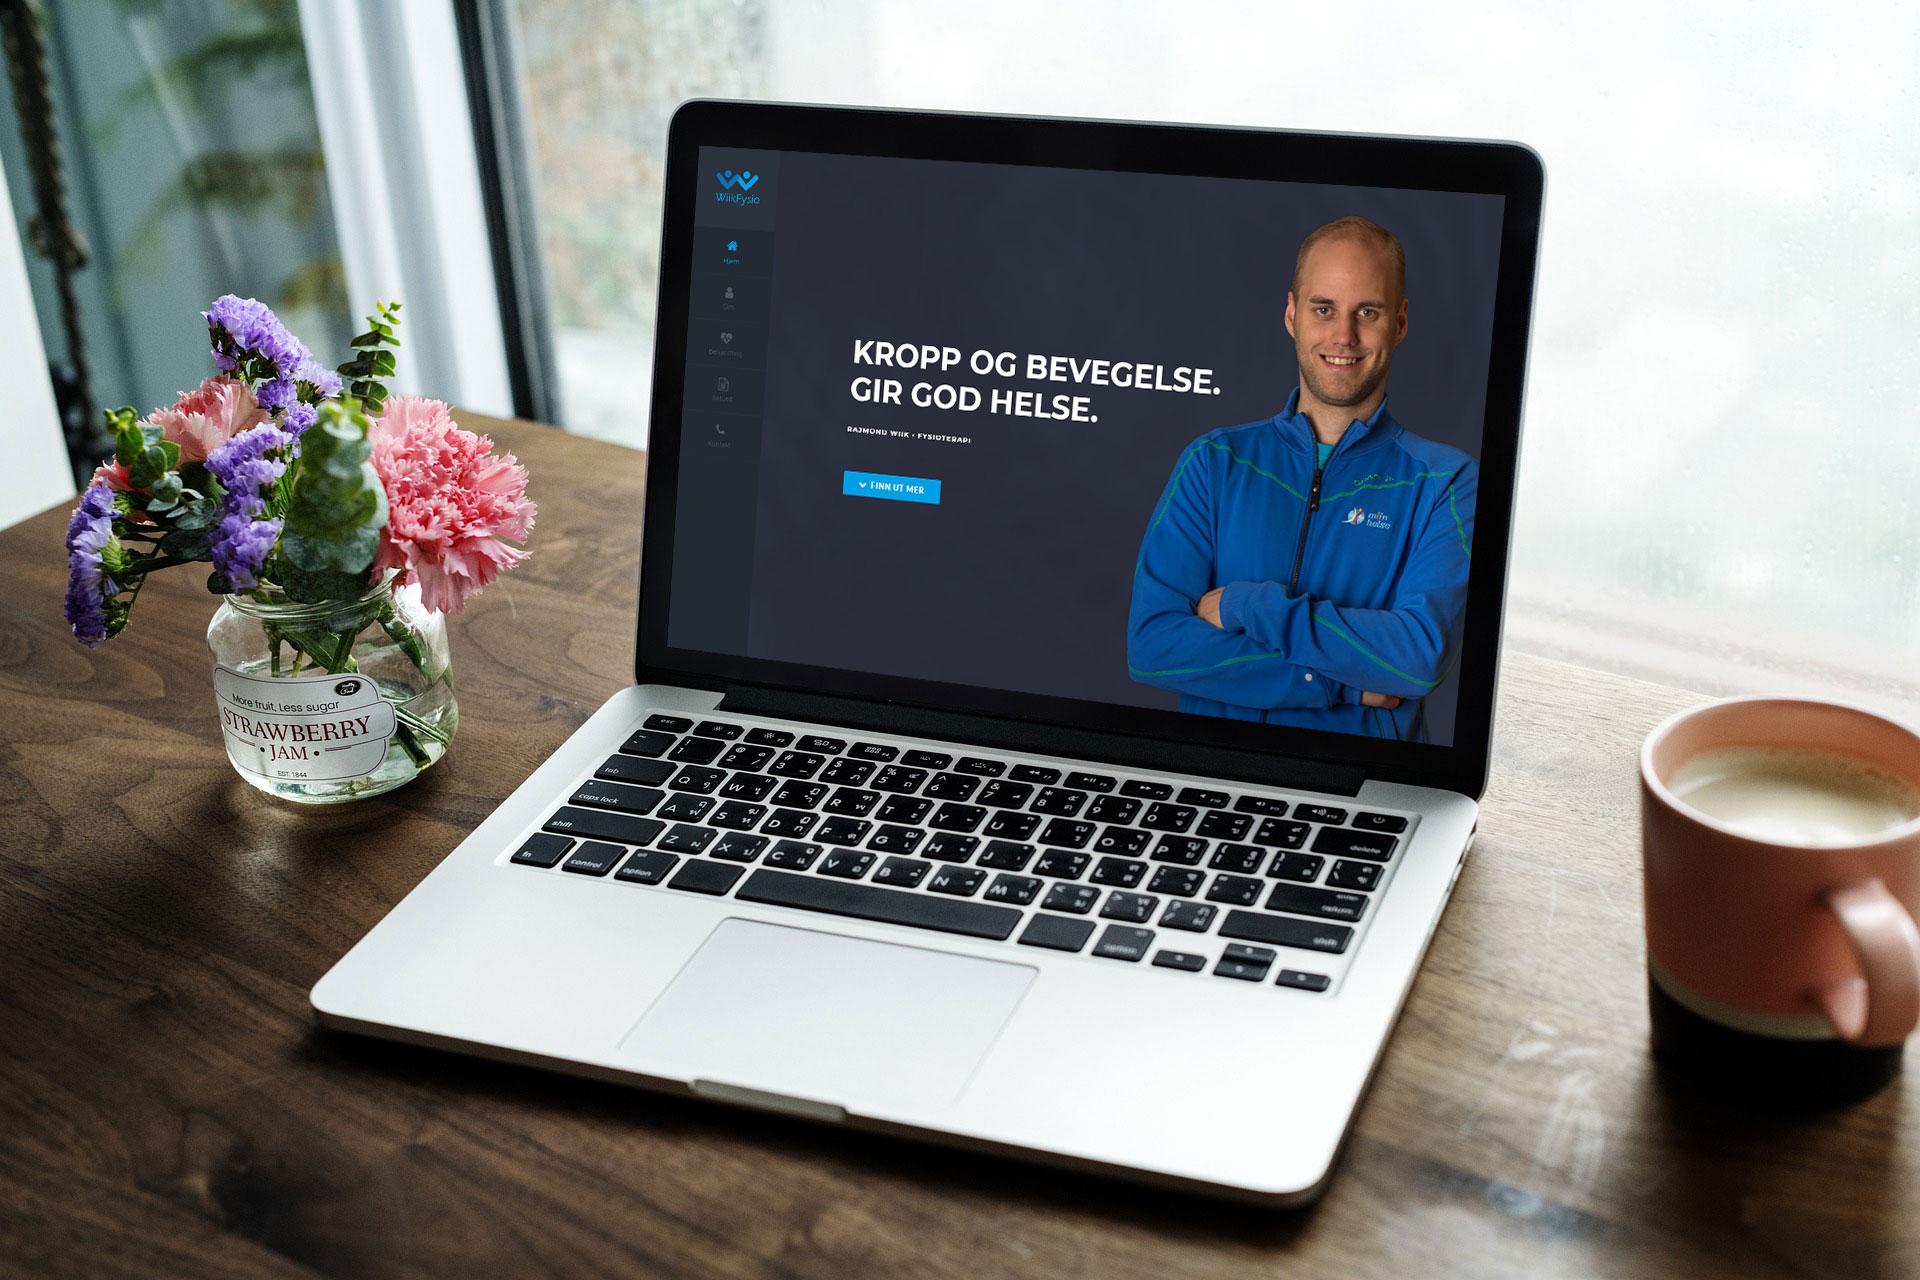 En ryddig pult med kaffe kopp, blomsterpotte og en laptop med wiikfysio sine nettsider.